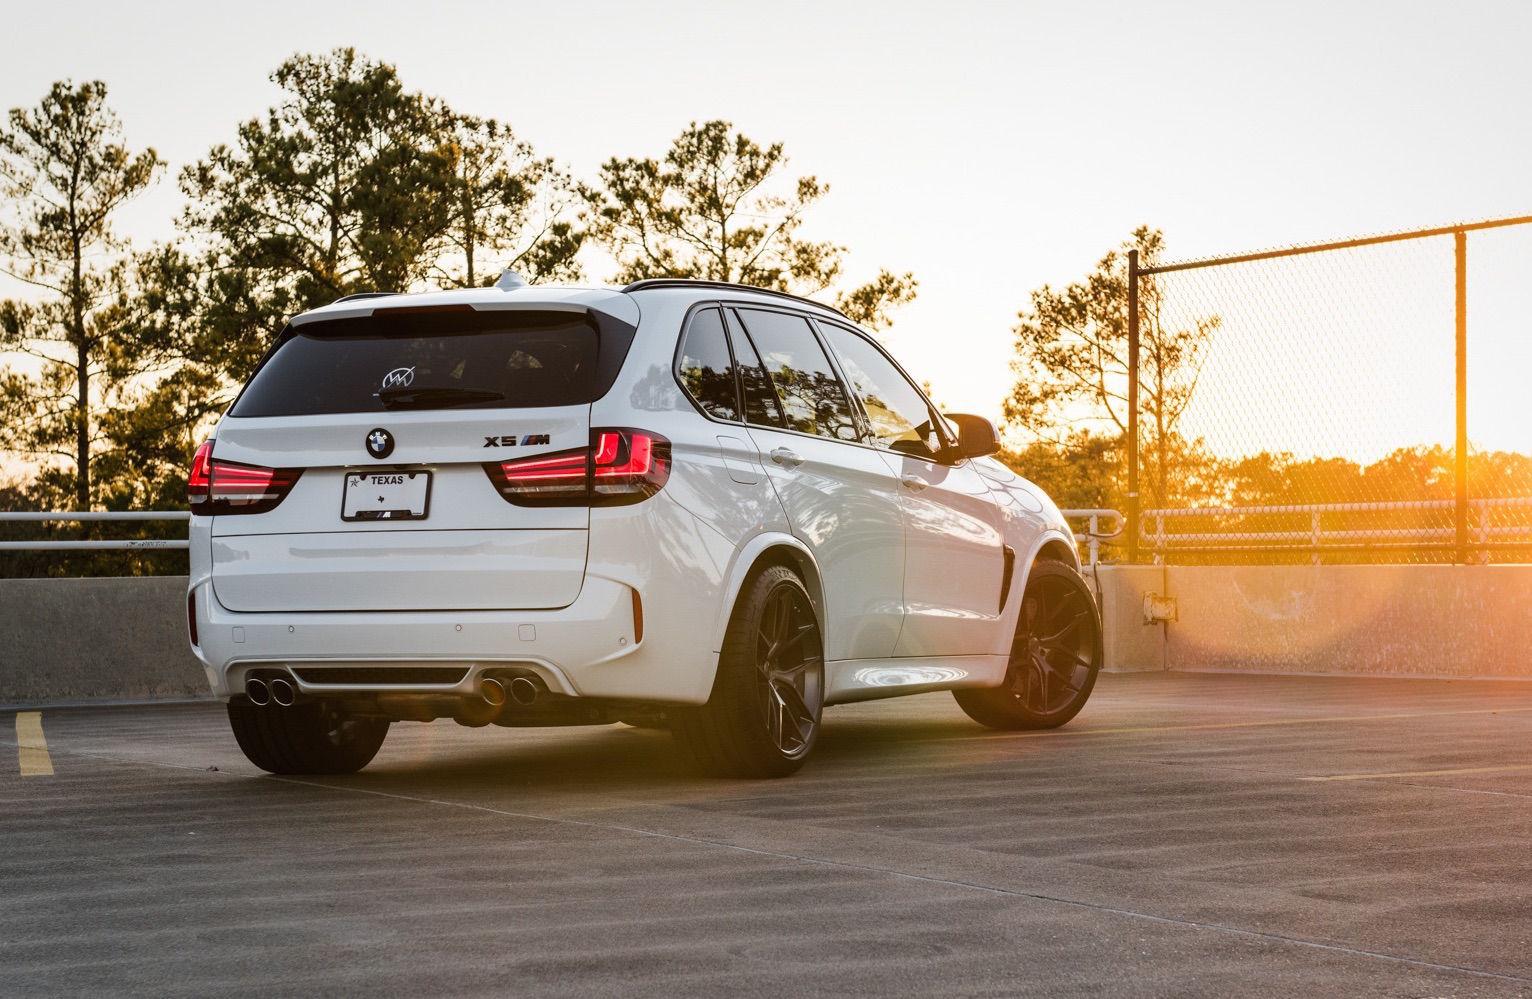 2016 BMW X5 M | F85 BMW X5 M on Forgeline One Piece Forged Monoblock VX1 Wheels